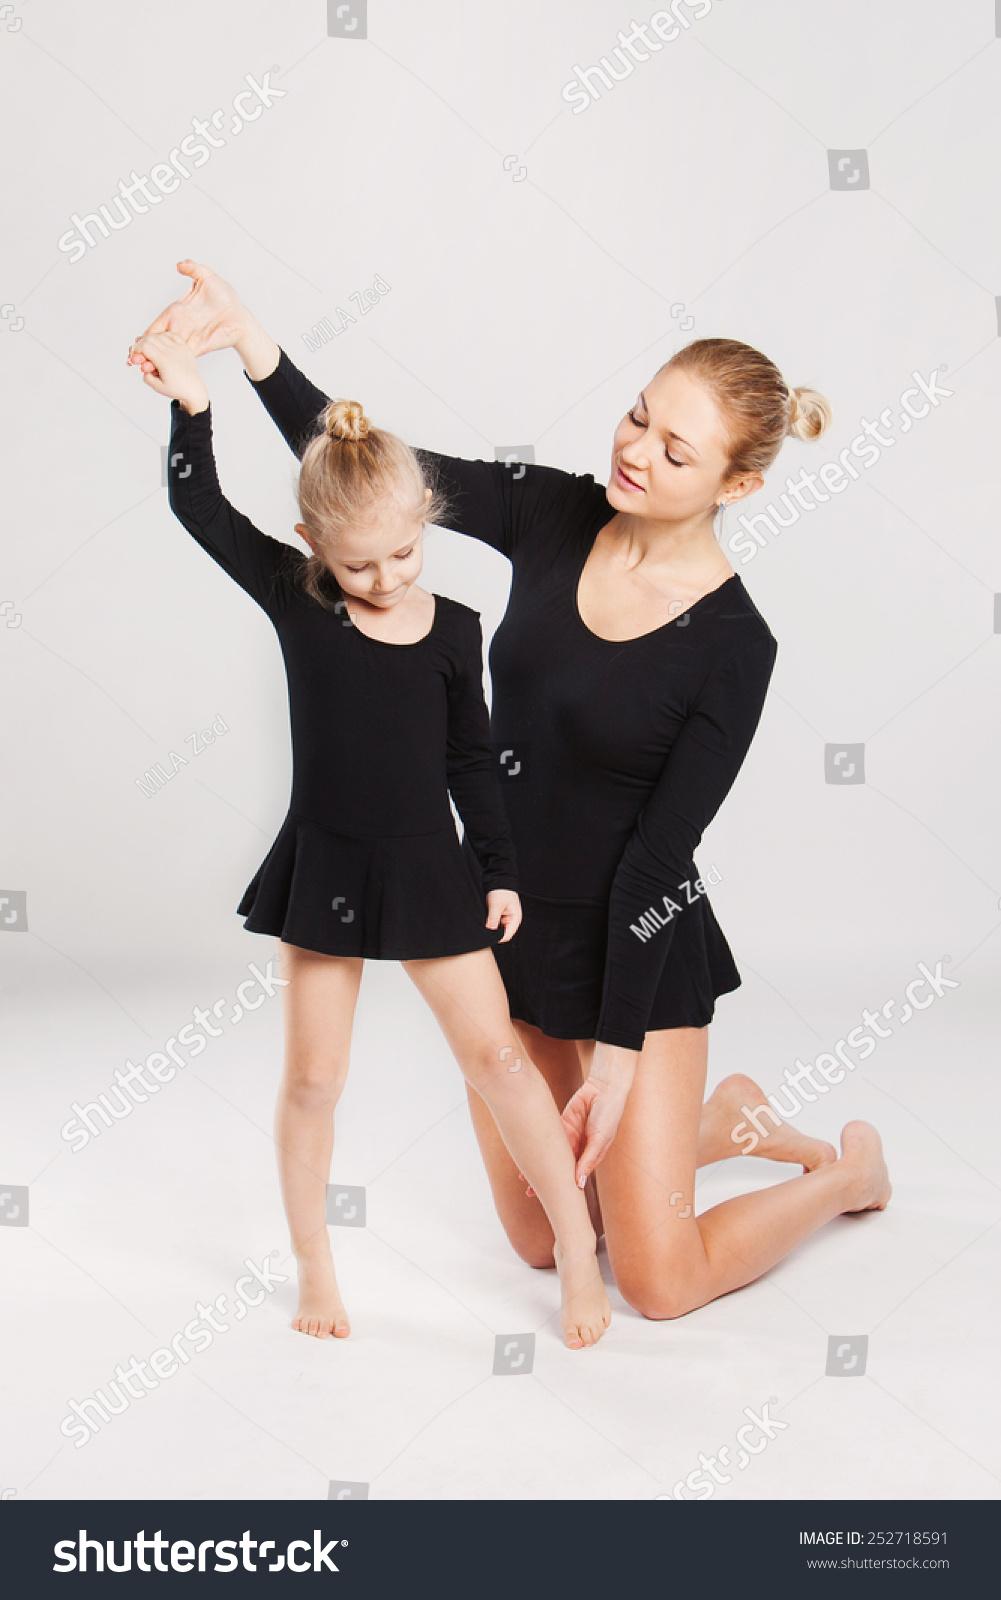 跳舞微信头像图片